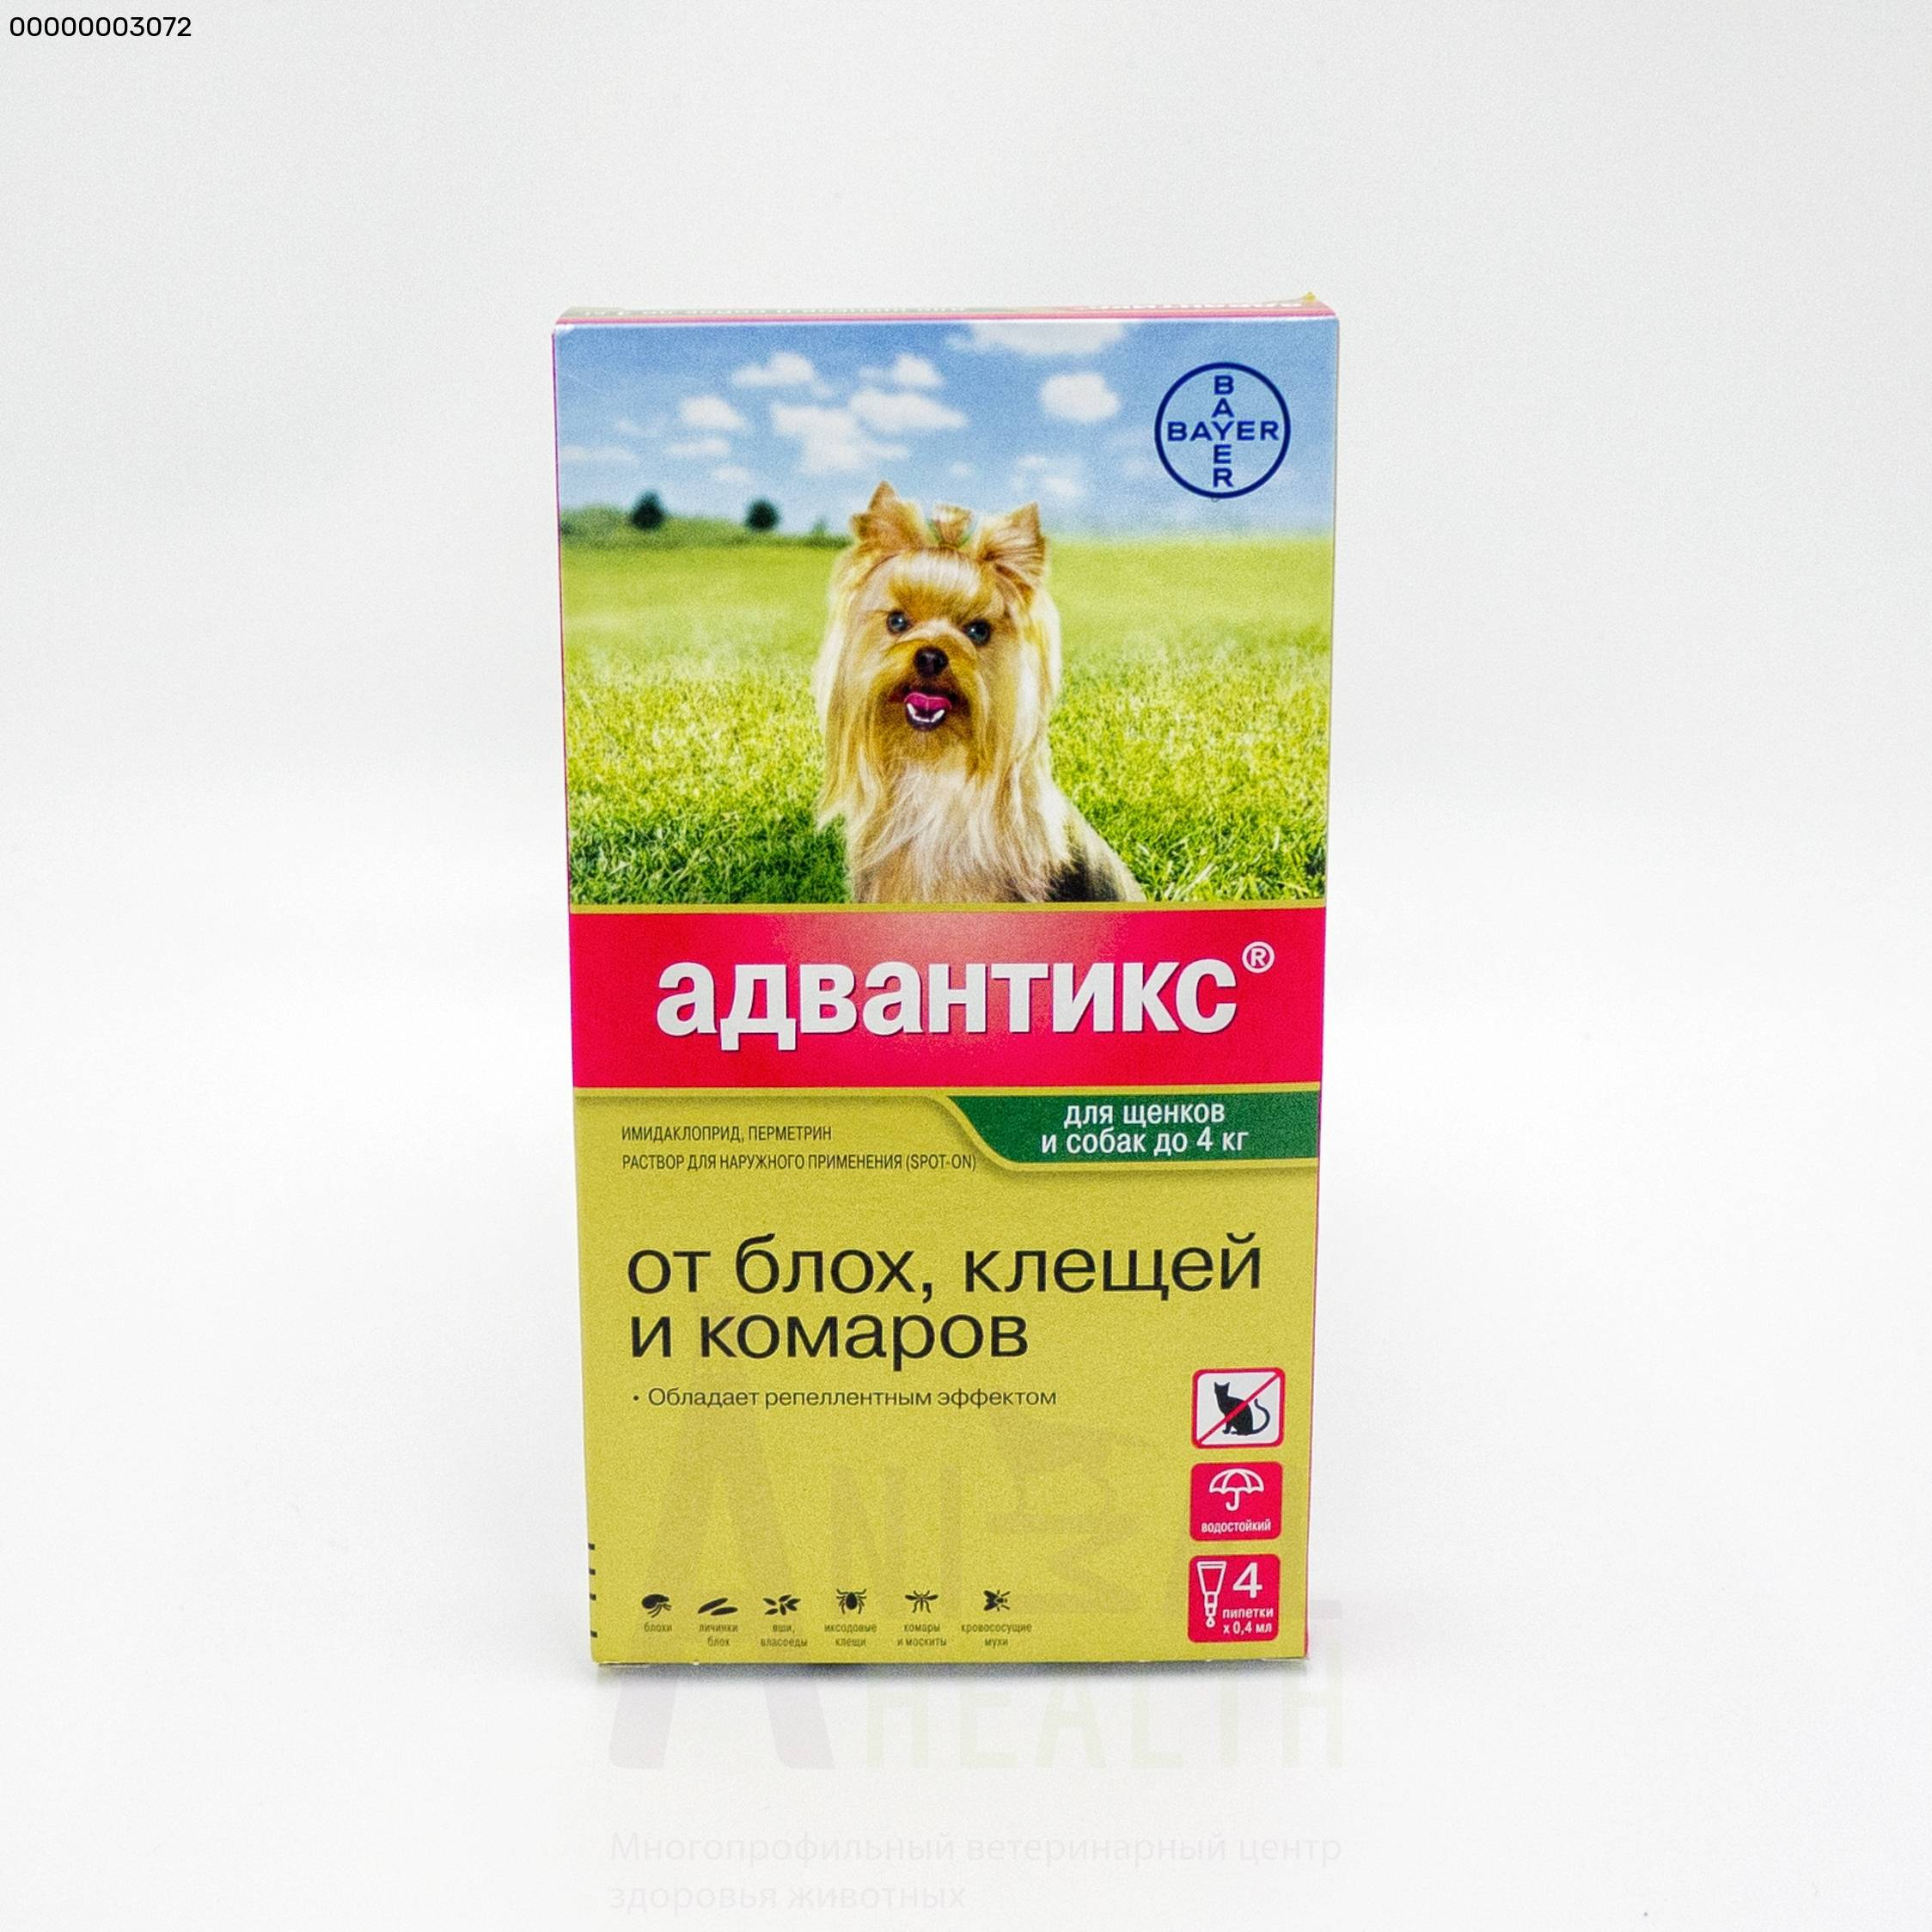 Капли адвантикс для собак: инструкция по применению и отзывы